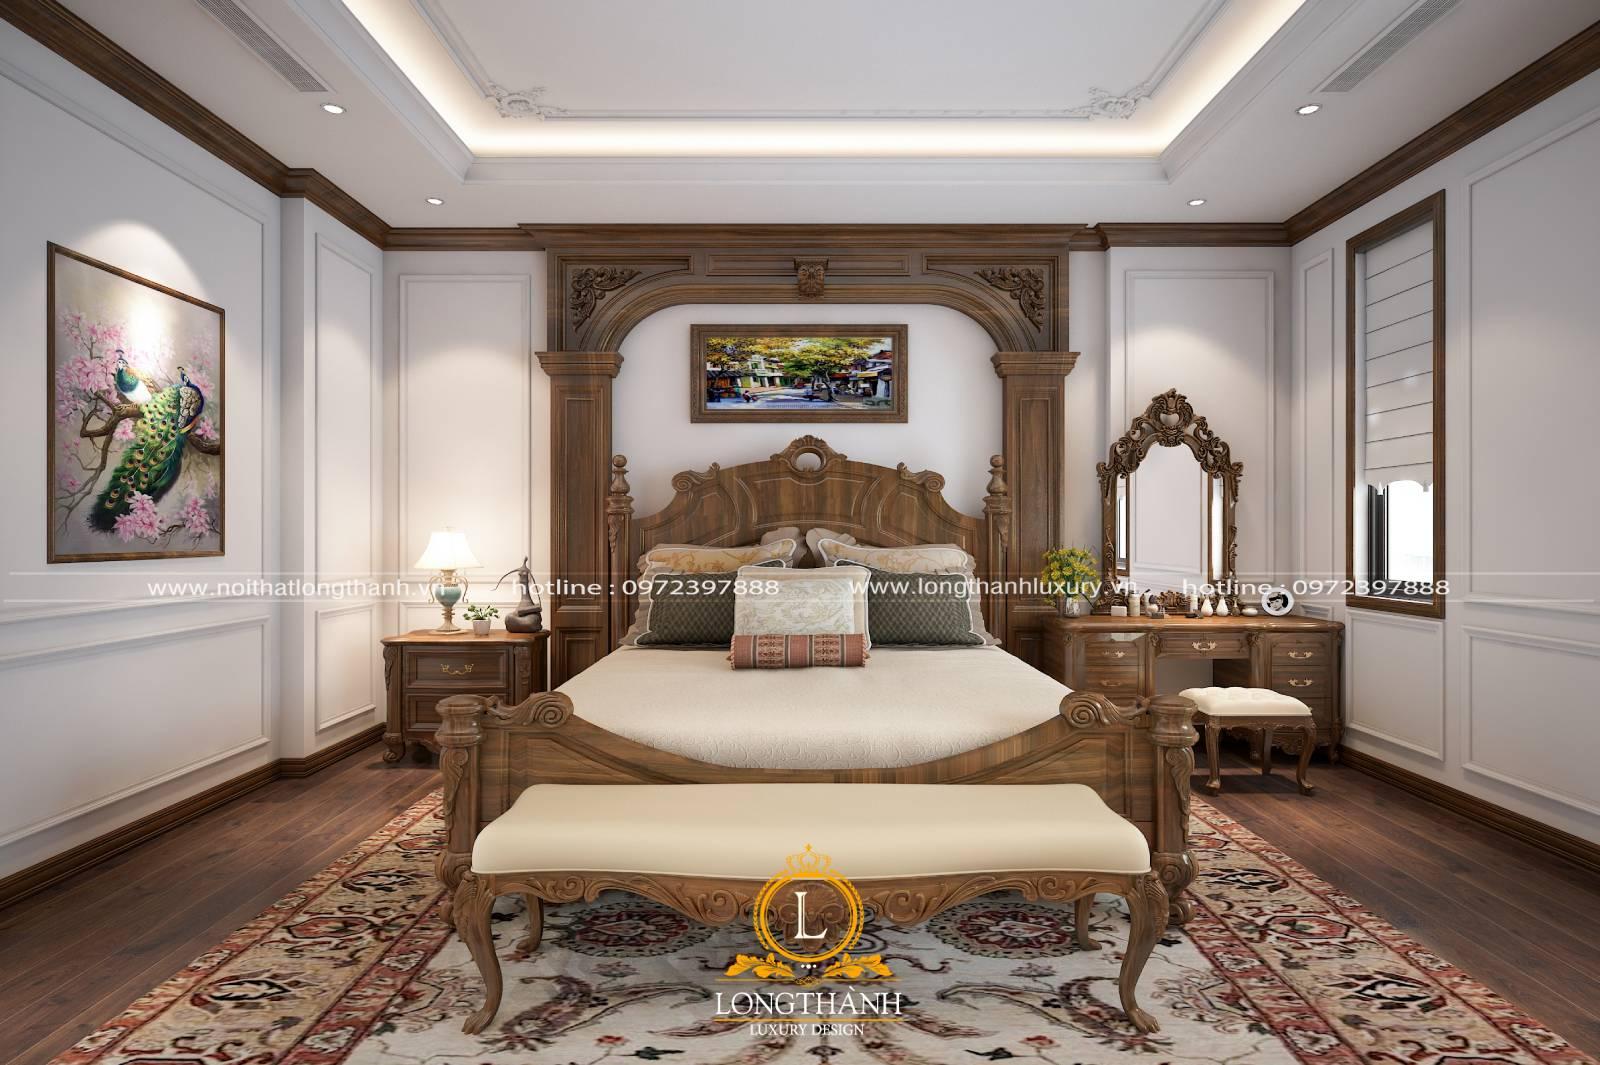 Bộ nội thất phòng ngủ tân cổ điển gỗ tự nhiên